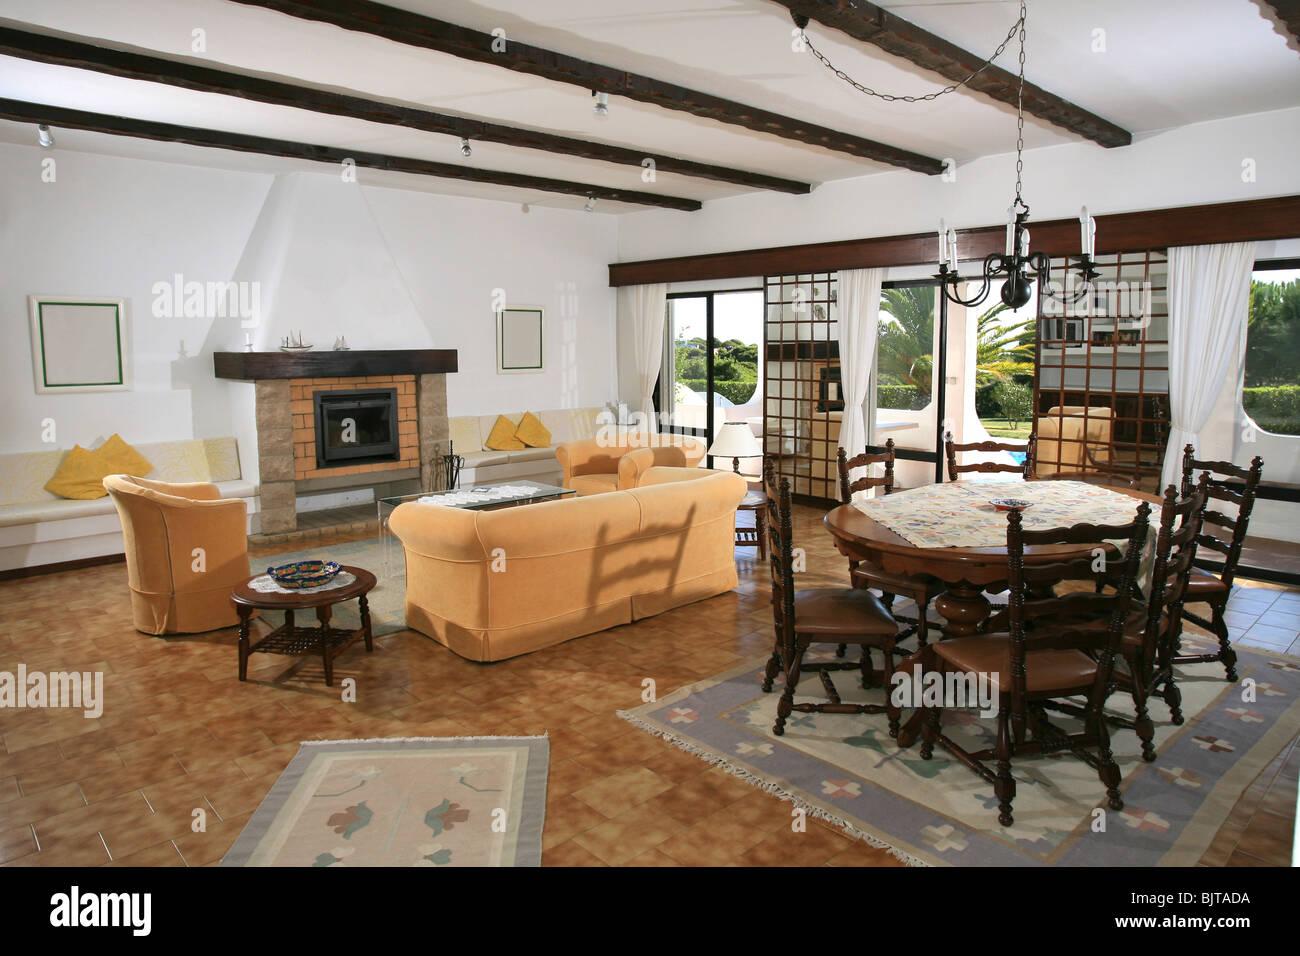 Chalet para vacaciones de salón y comedor interior con muebles ...